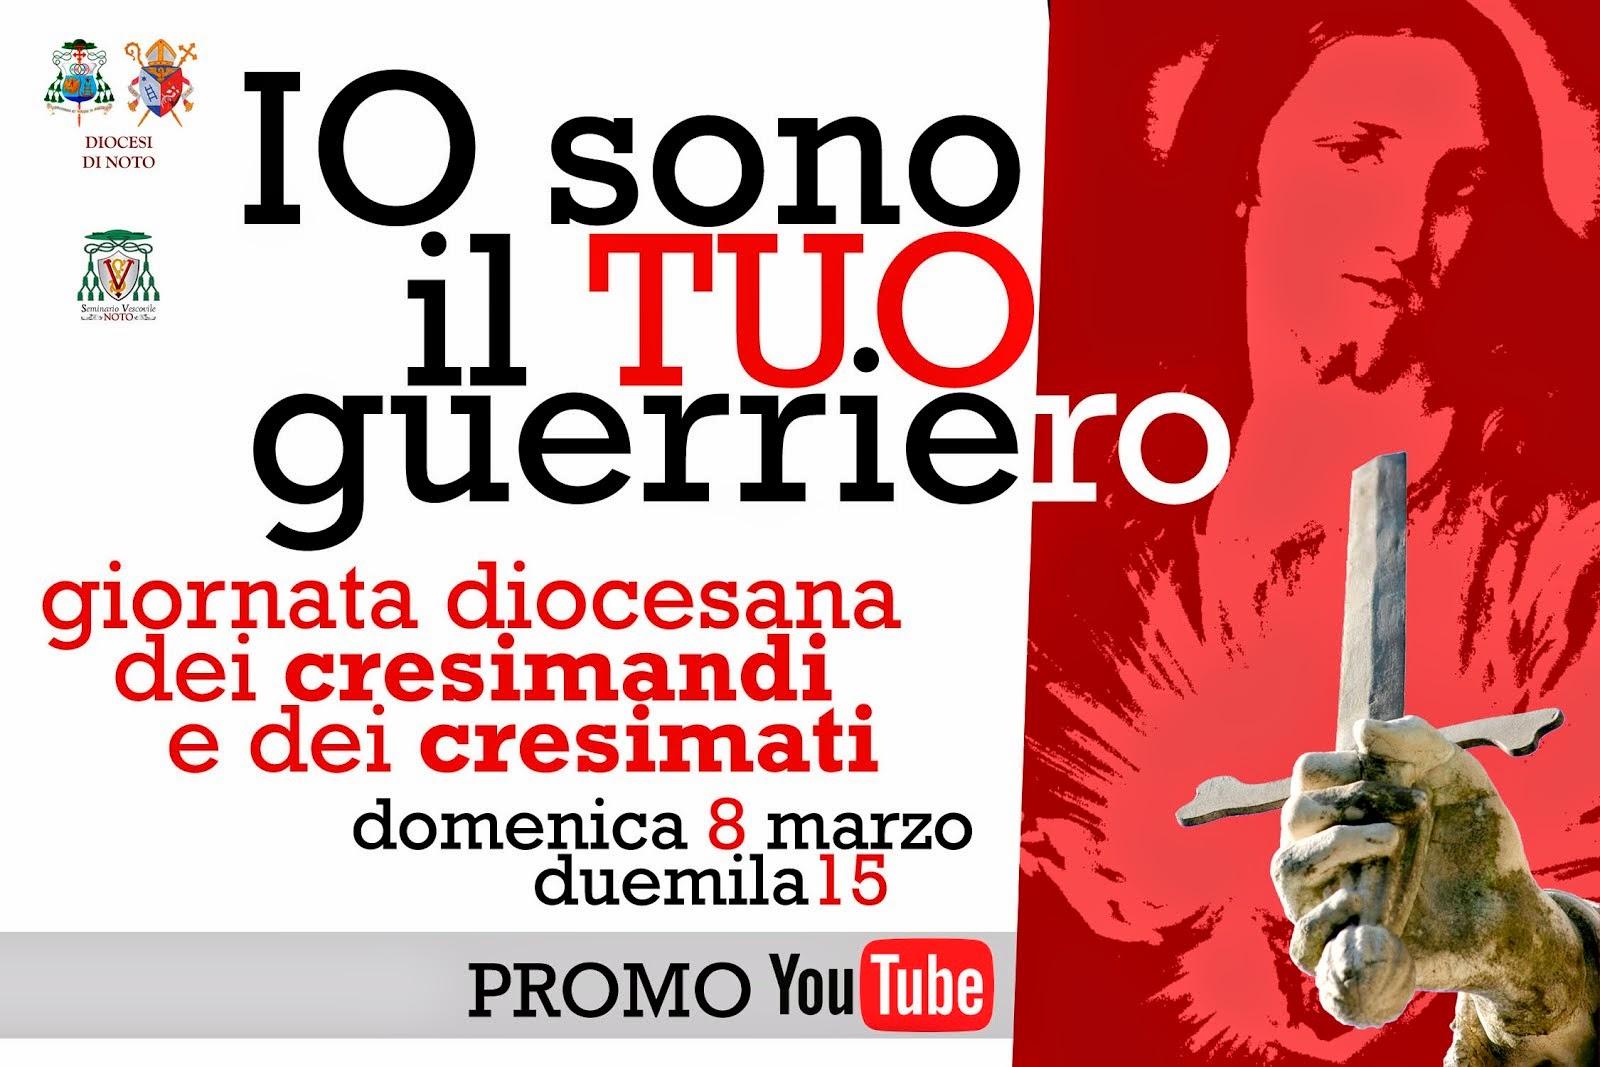 Promo Giornata Diocesana dei Cresimandi e dei Cresimati 2015